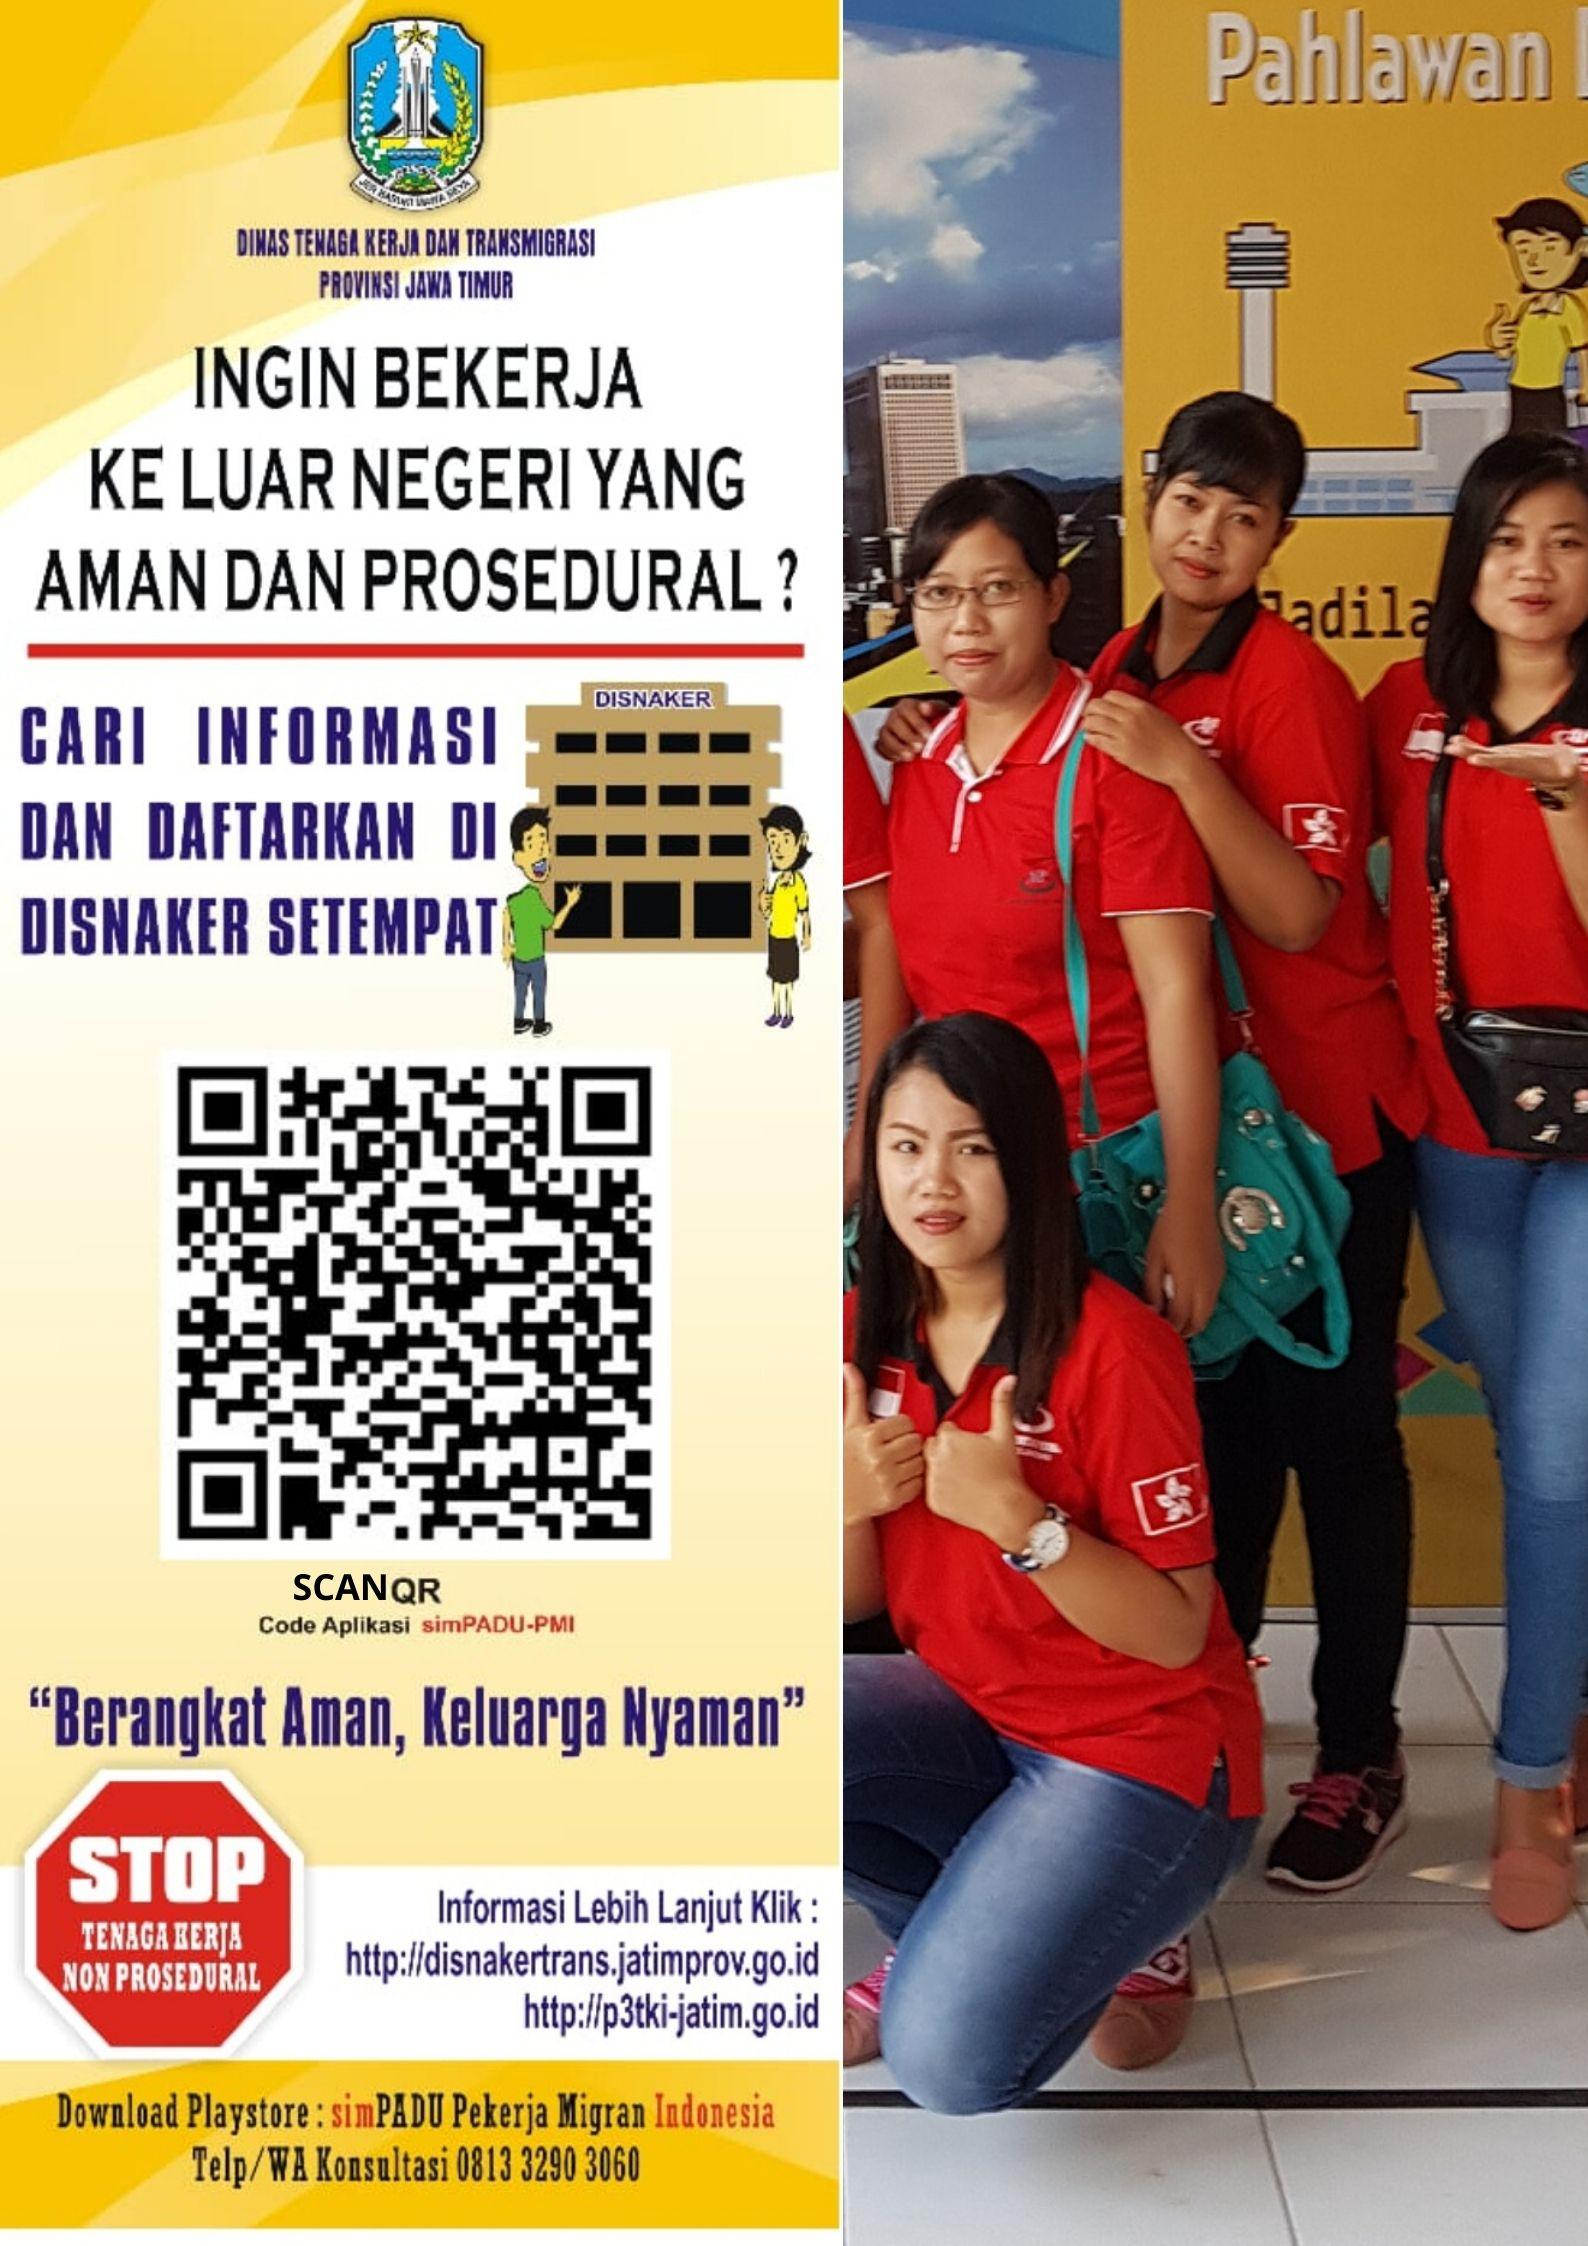 Menu Inovasi Baru QR Scan Me ; Mempermudah Akses Informasi  yang Update dan Legal di Kantong Pekerja Migran